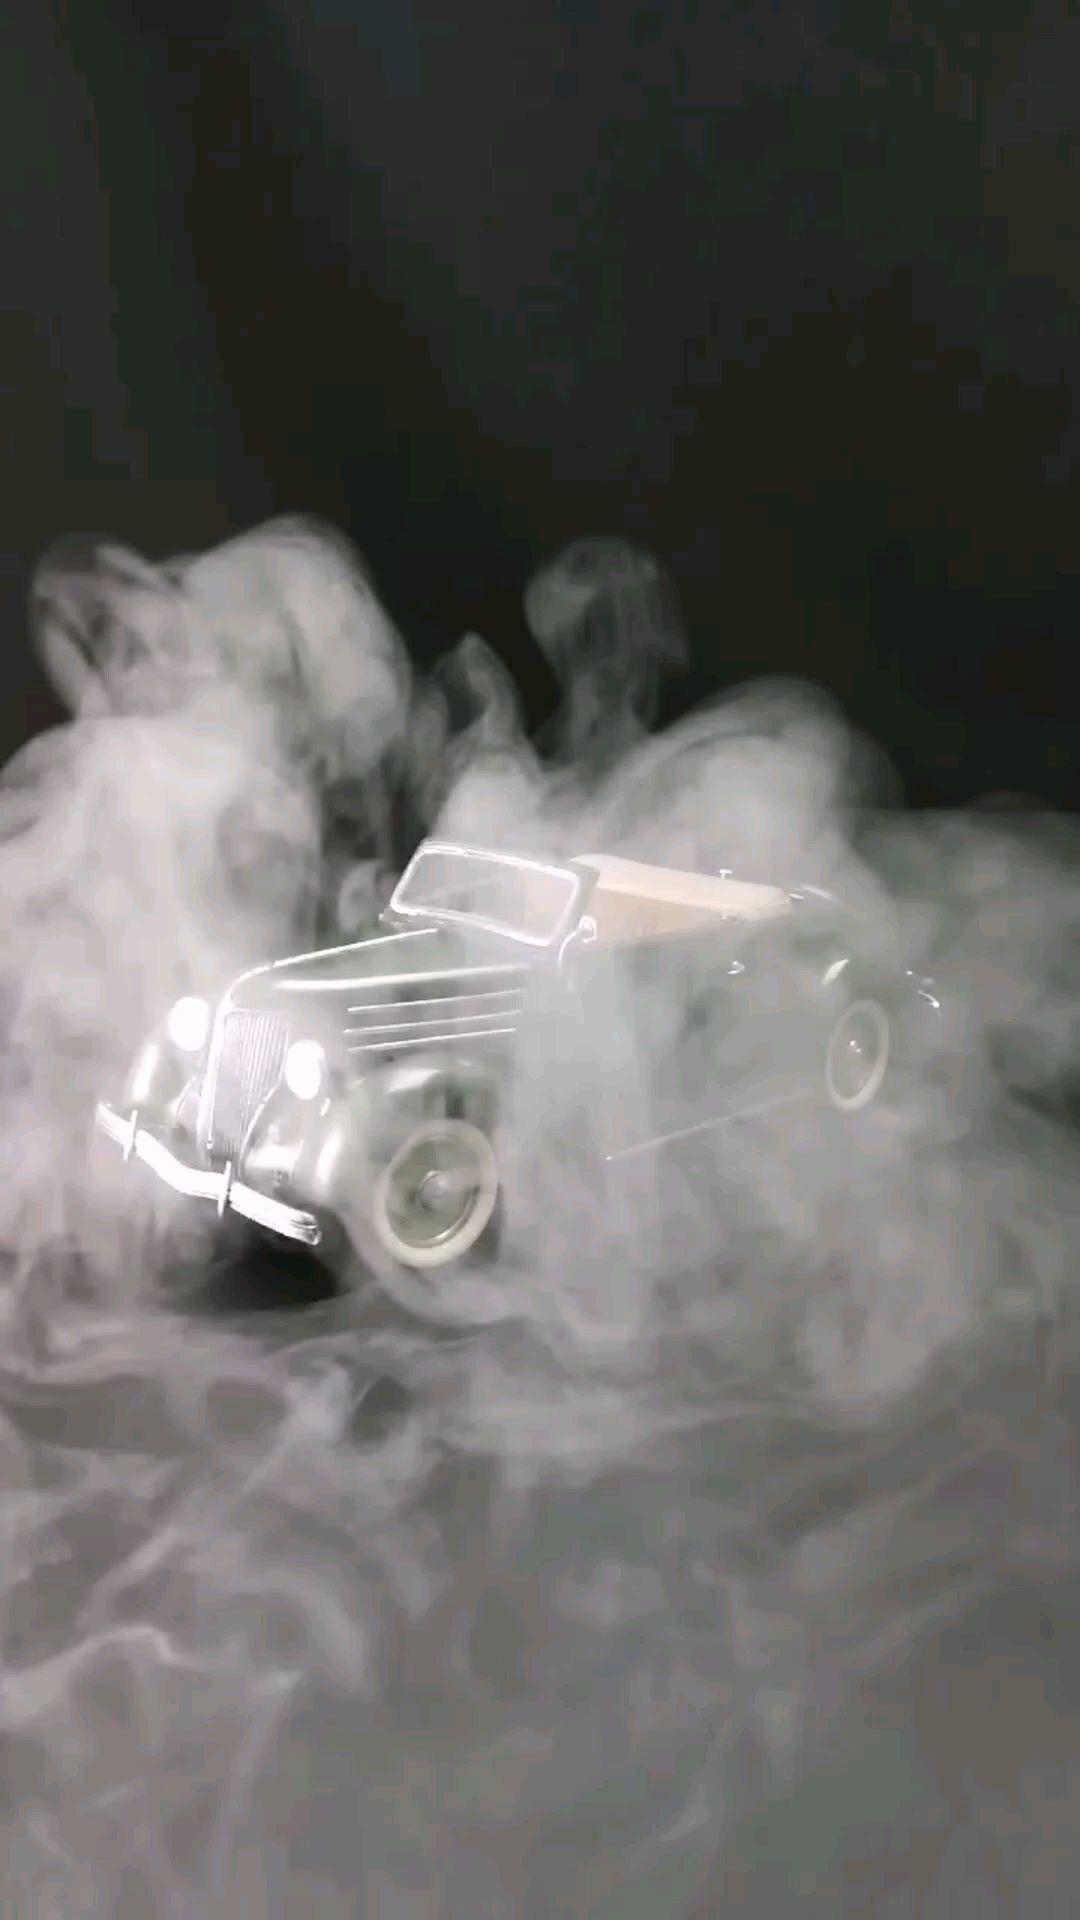 1936福特敞篷跑车,1:24比例,东晓汽车模型收藏馆藏品。